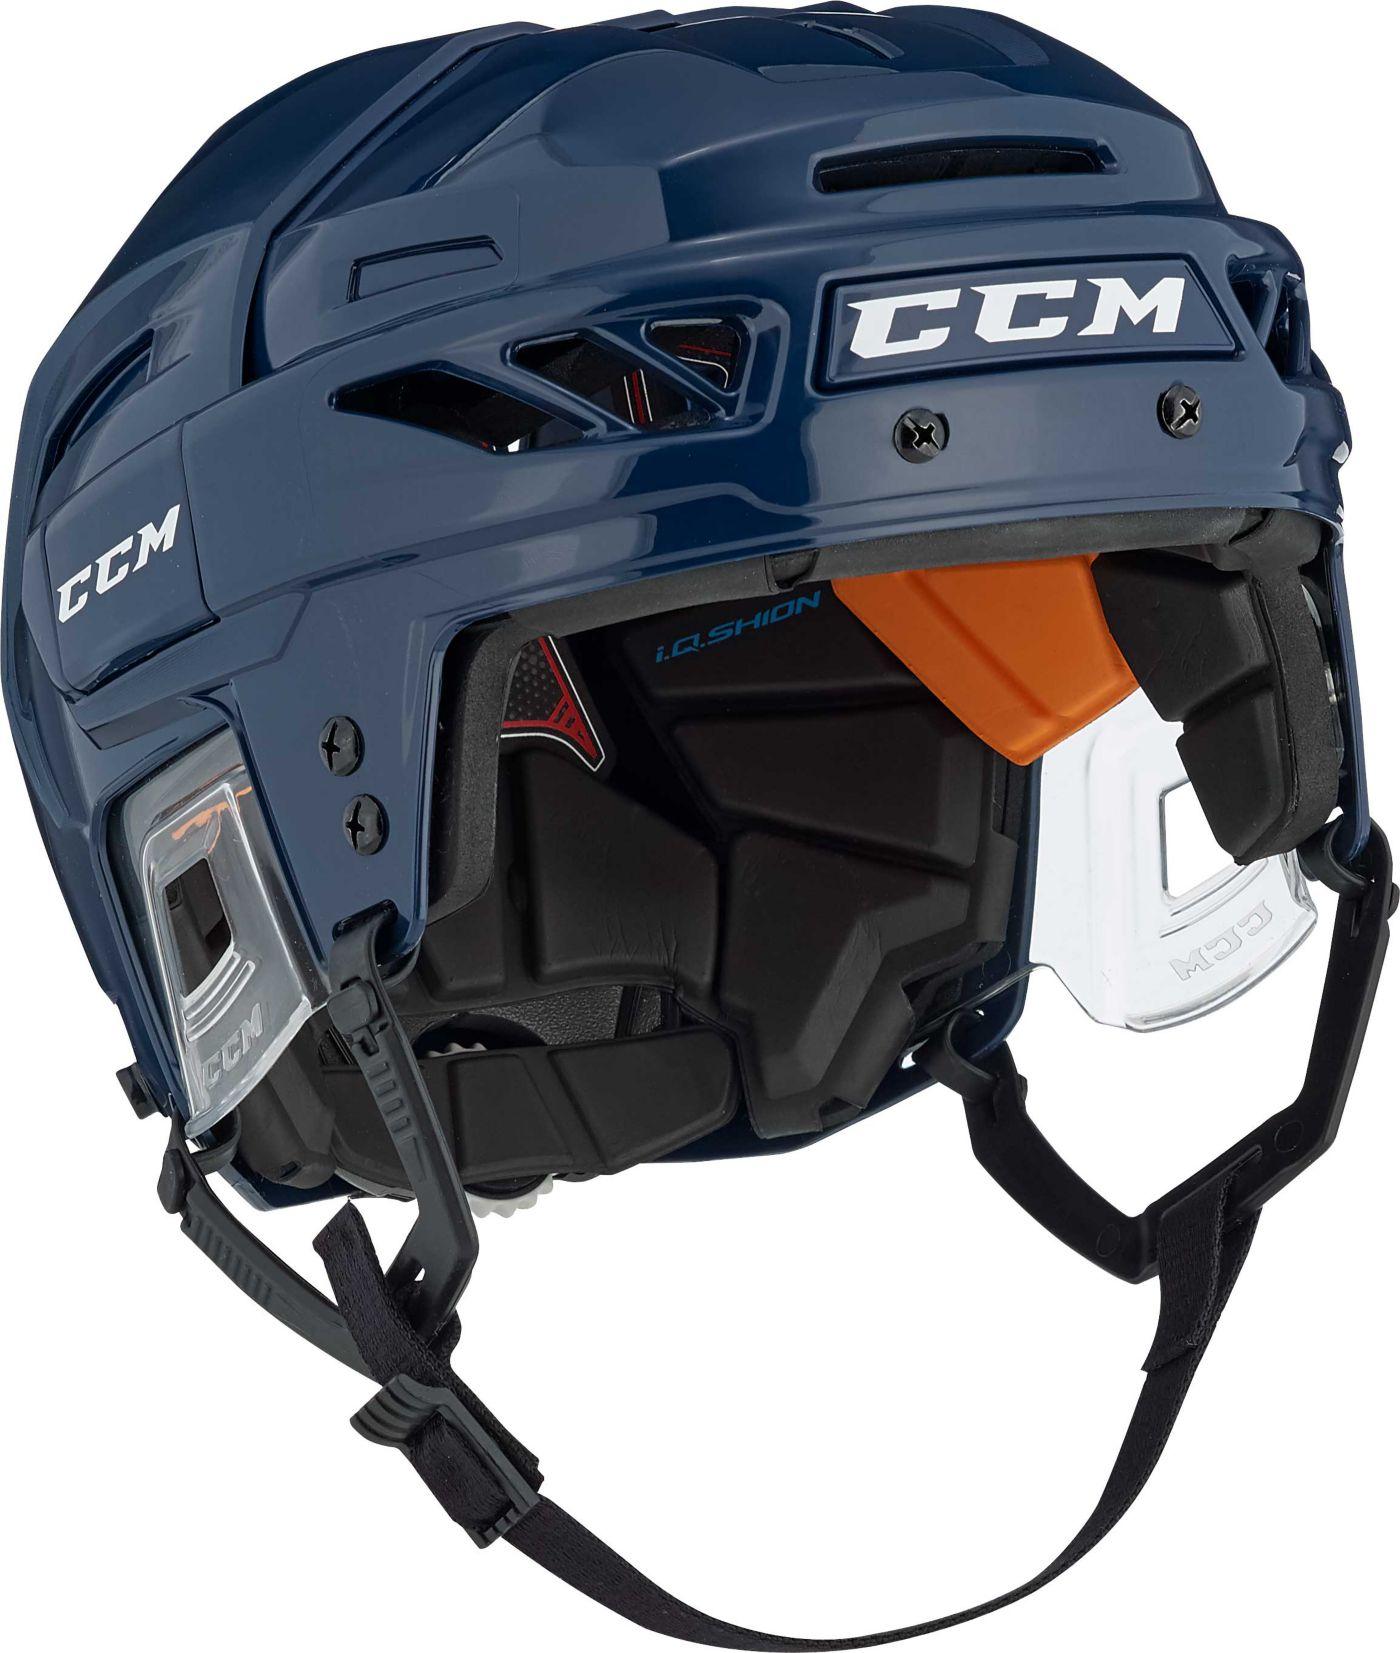 CCM Senior FL90 Ice Hockey Helmet